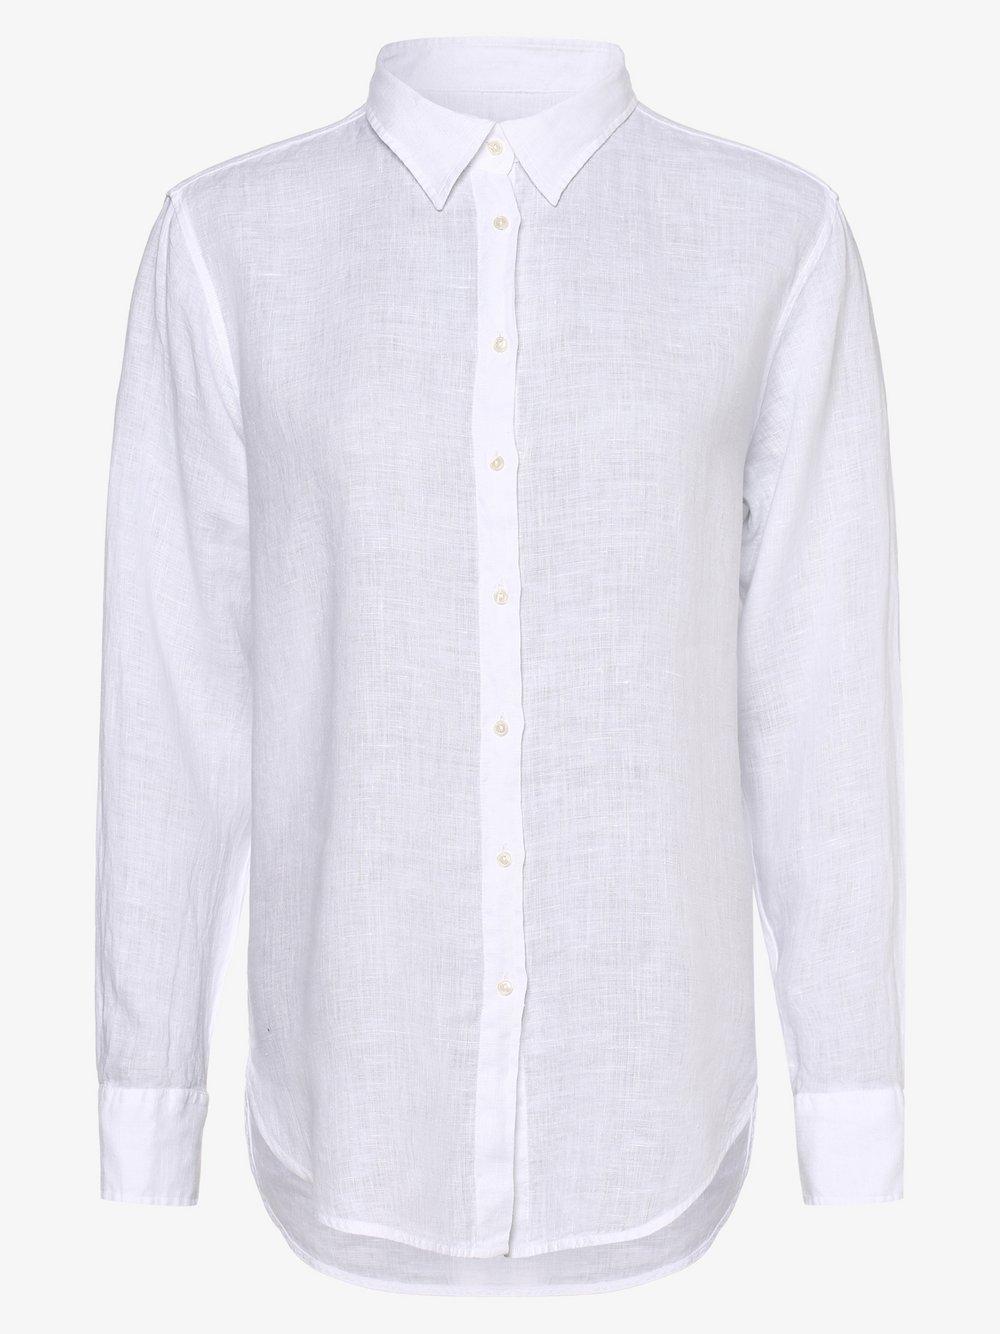 0039 Italy – Lniana bluzka damska – Sanja, biały Van Graaf 464315-0001-09920